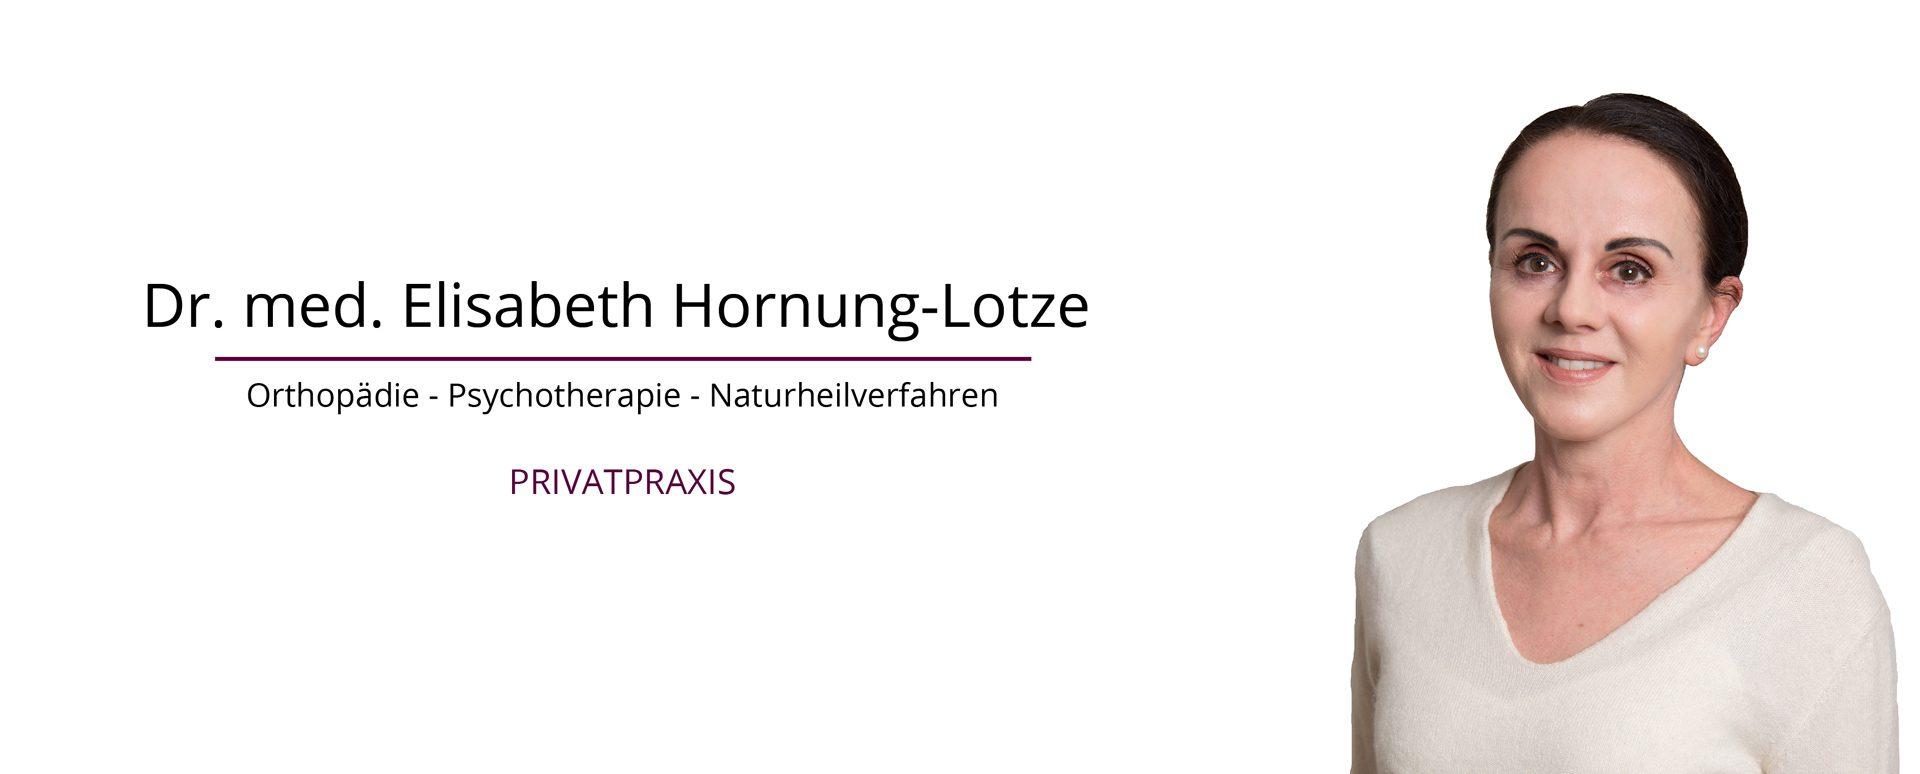 Dr. med. Elisabeth Hornung-Lotze